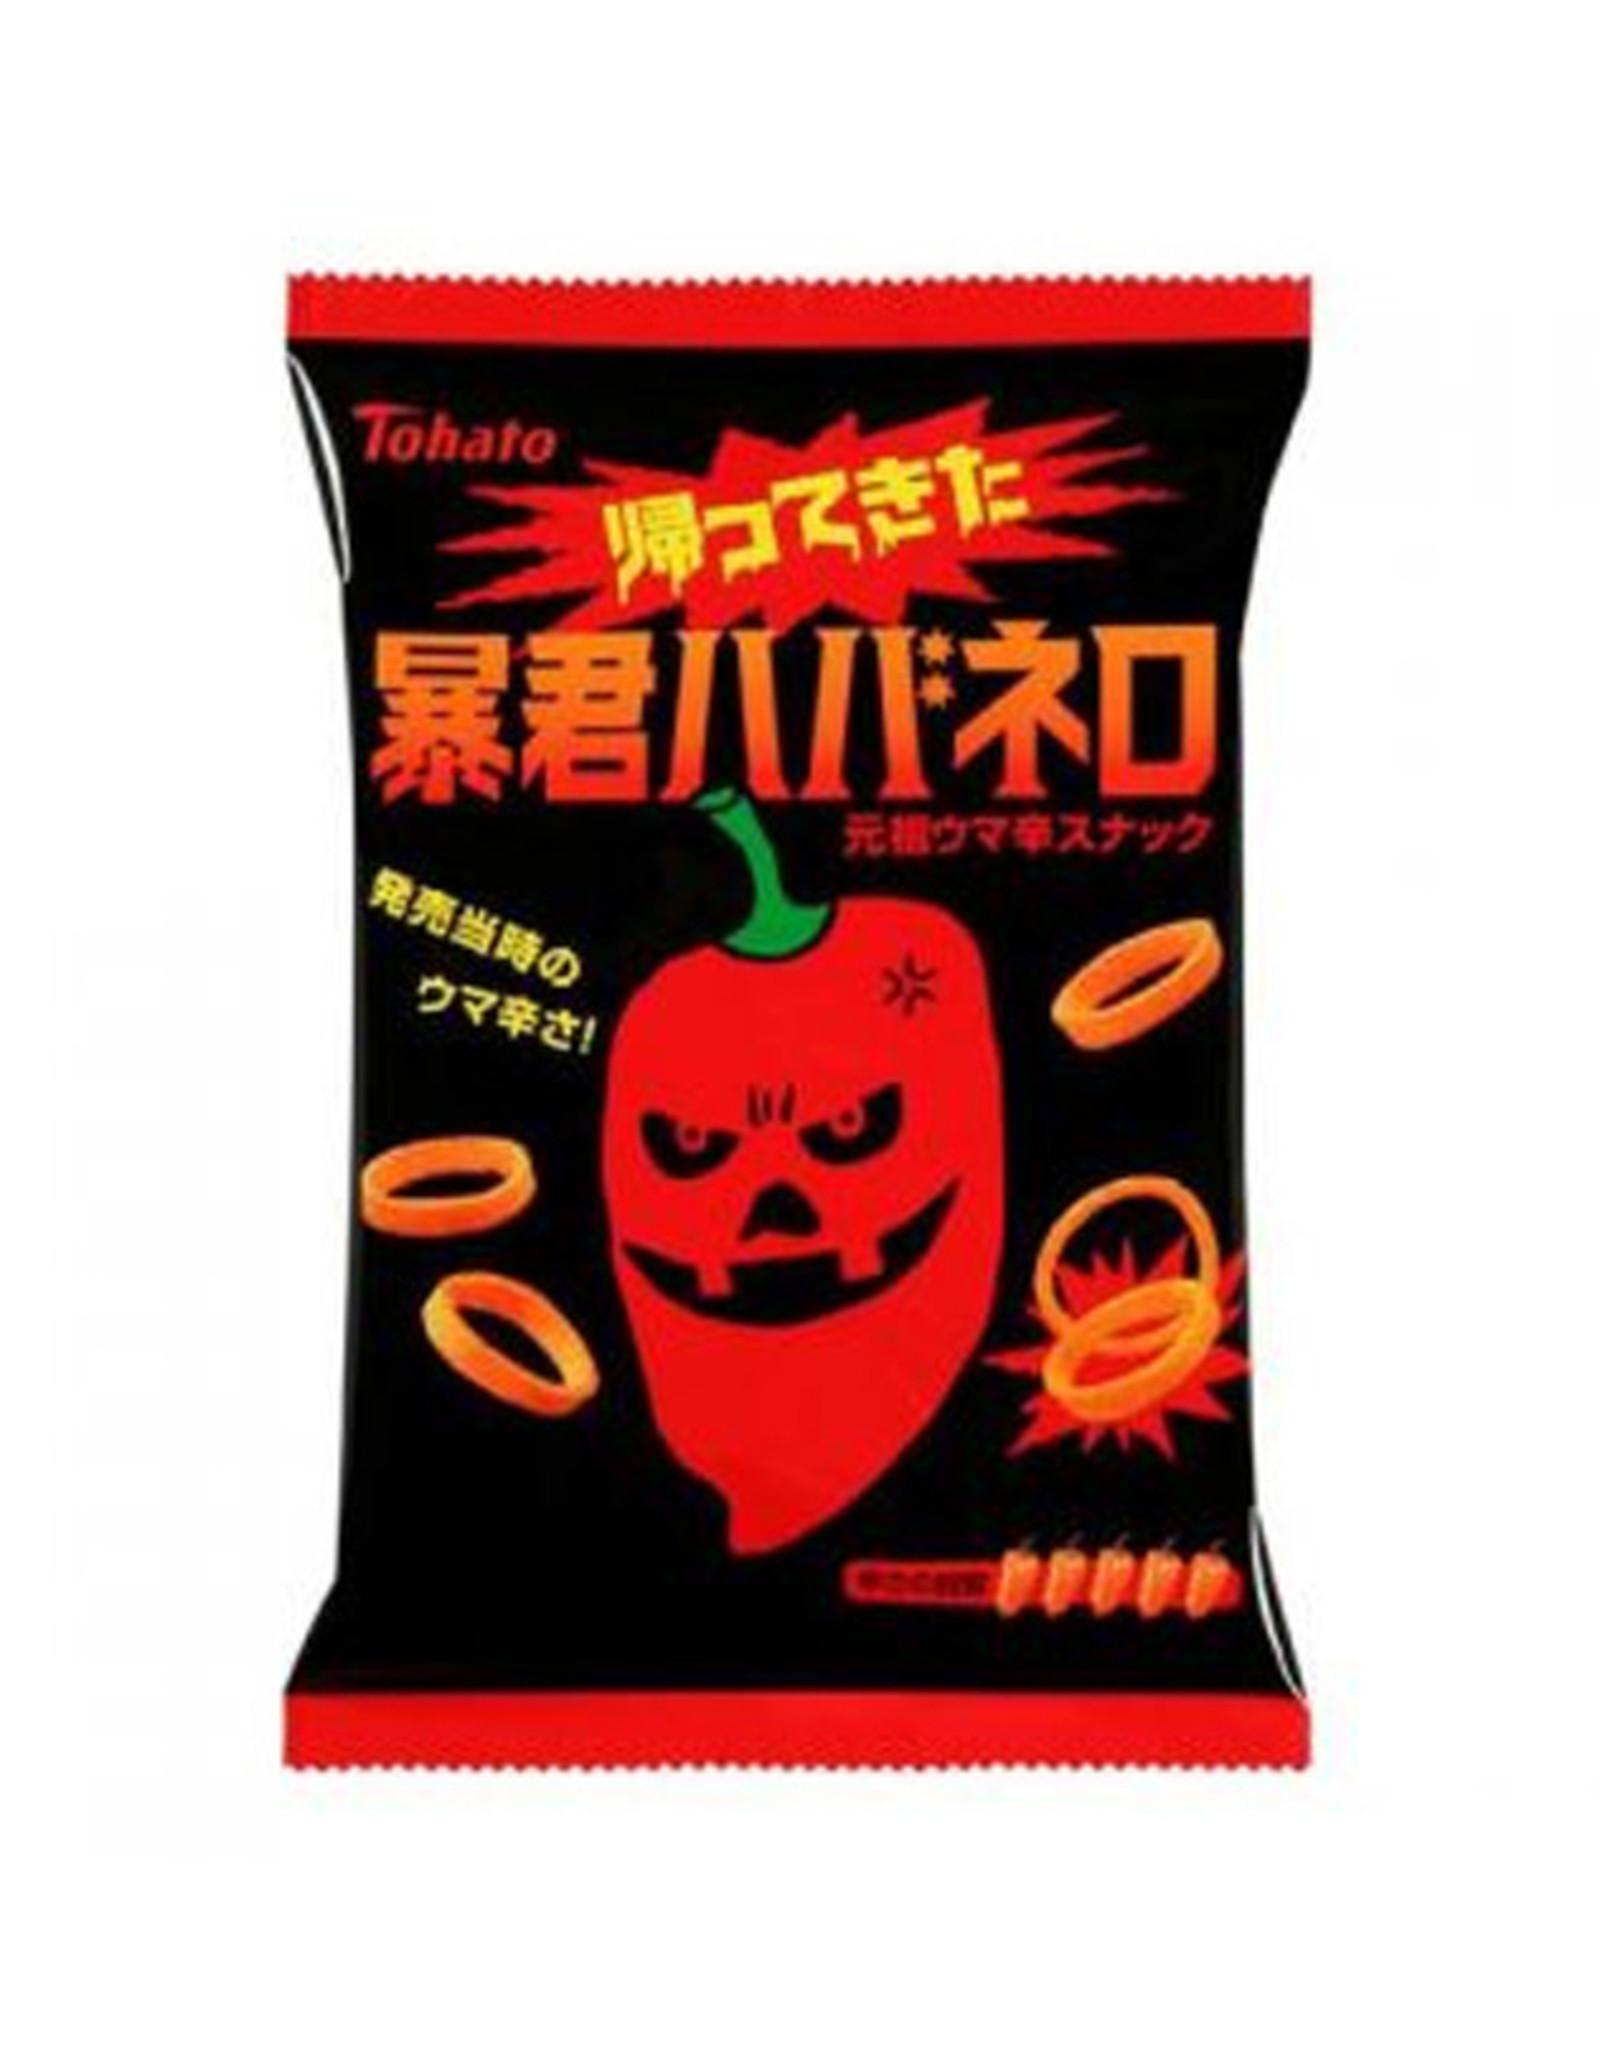 Bokun Habanero Spicy Rings - 56g